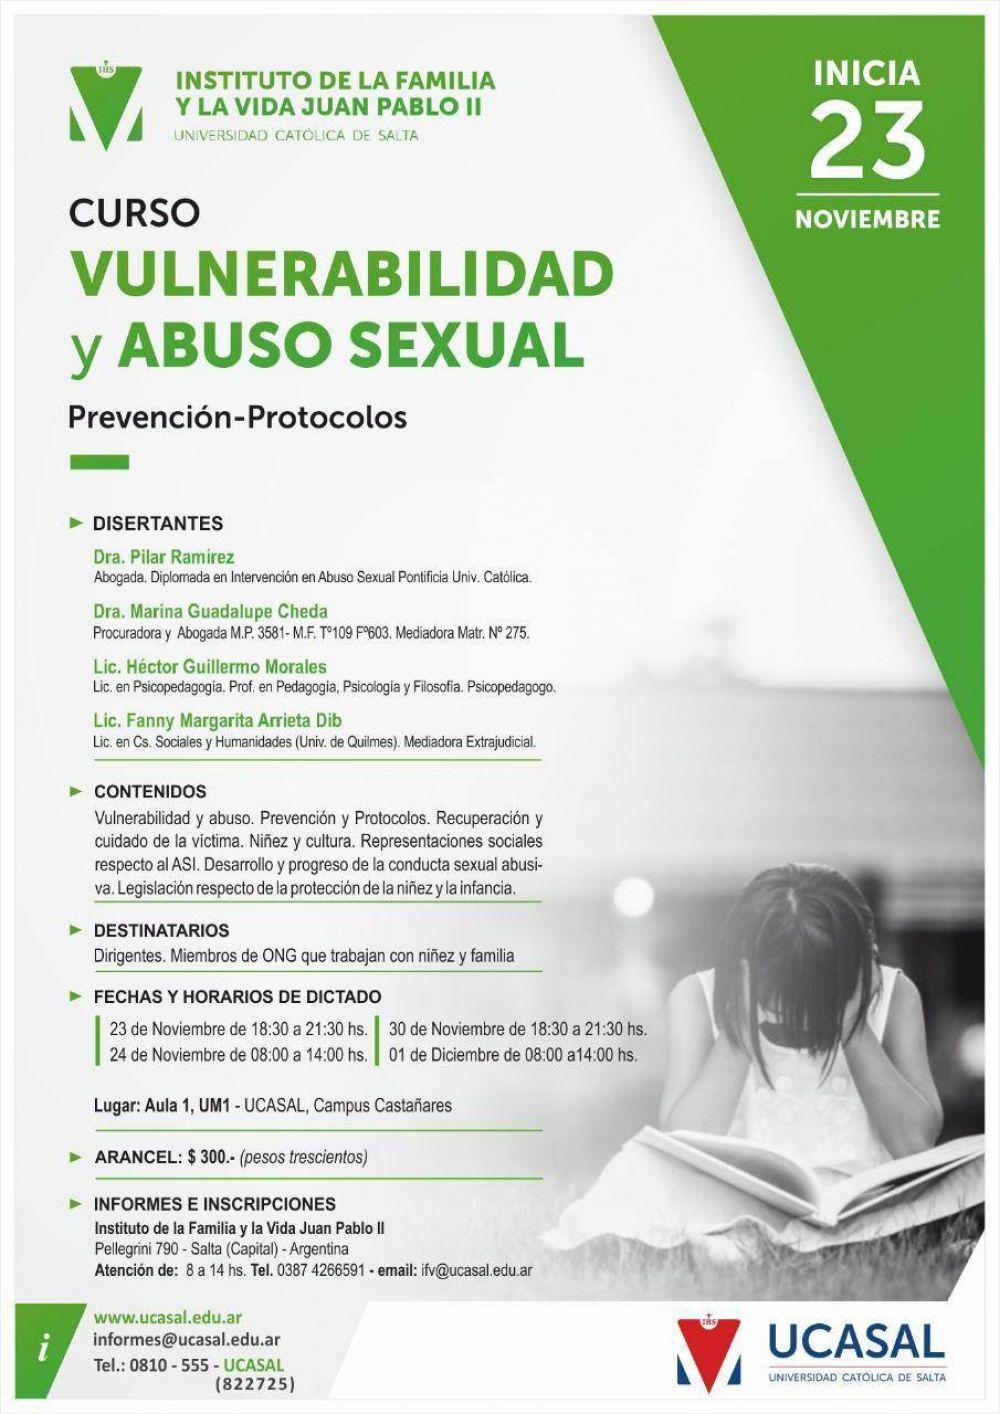 Curso: Vulnerabilidad y Abuso Sexual